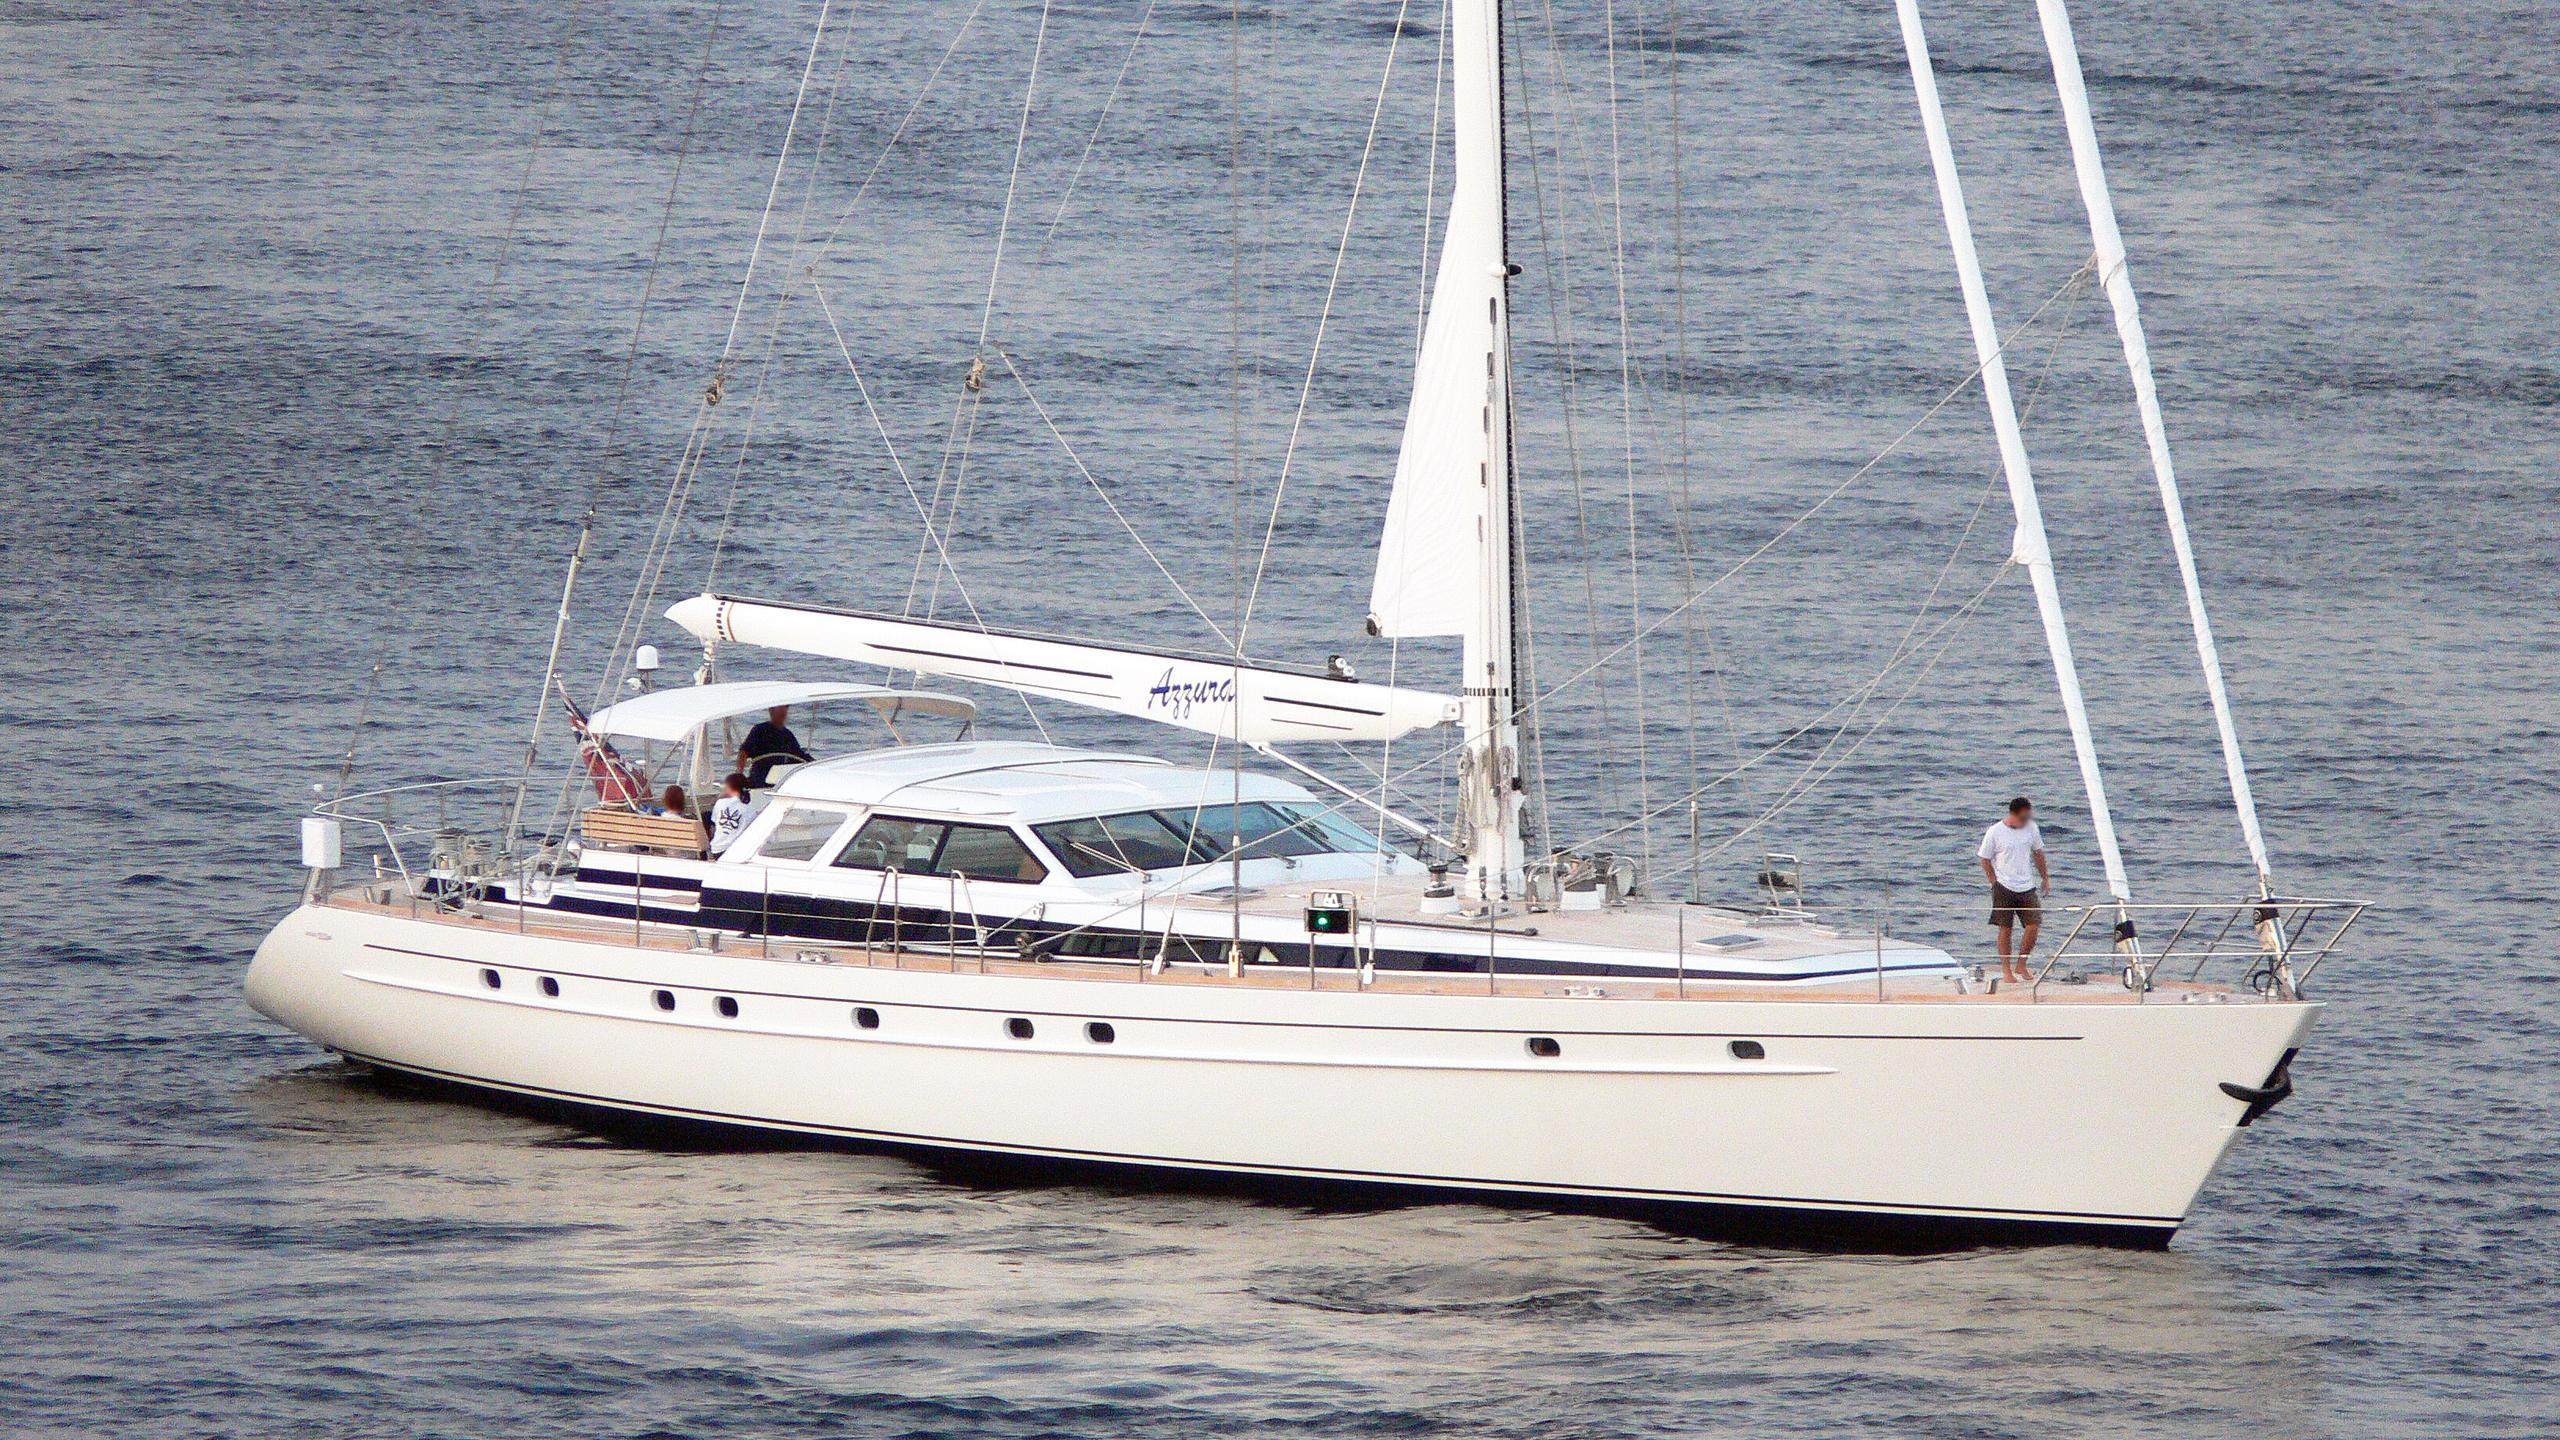 lady-vail-azzura-sailing-yacht-jongert-3000m-1998-29m-profile